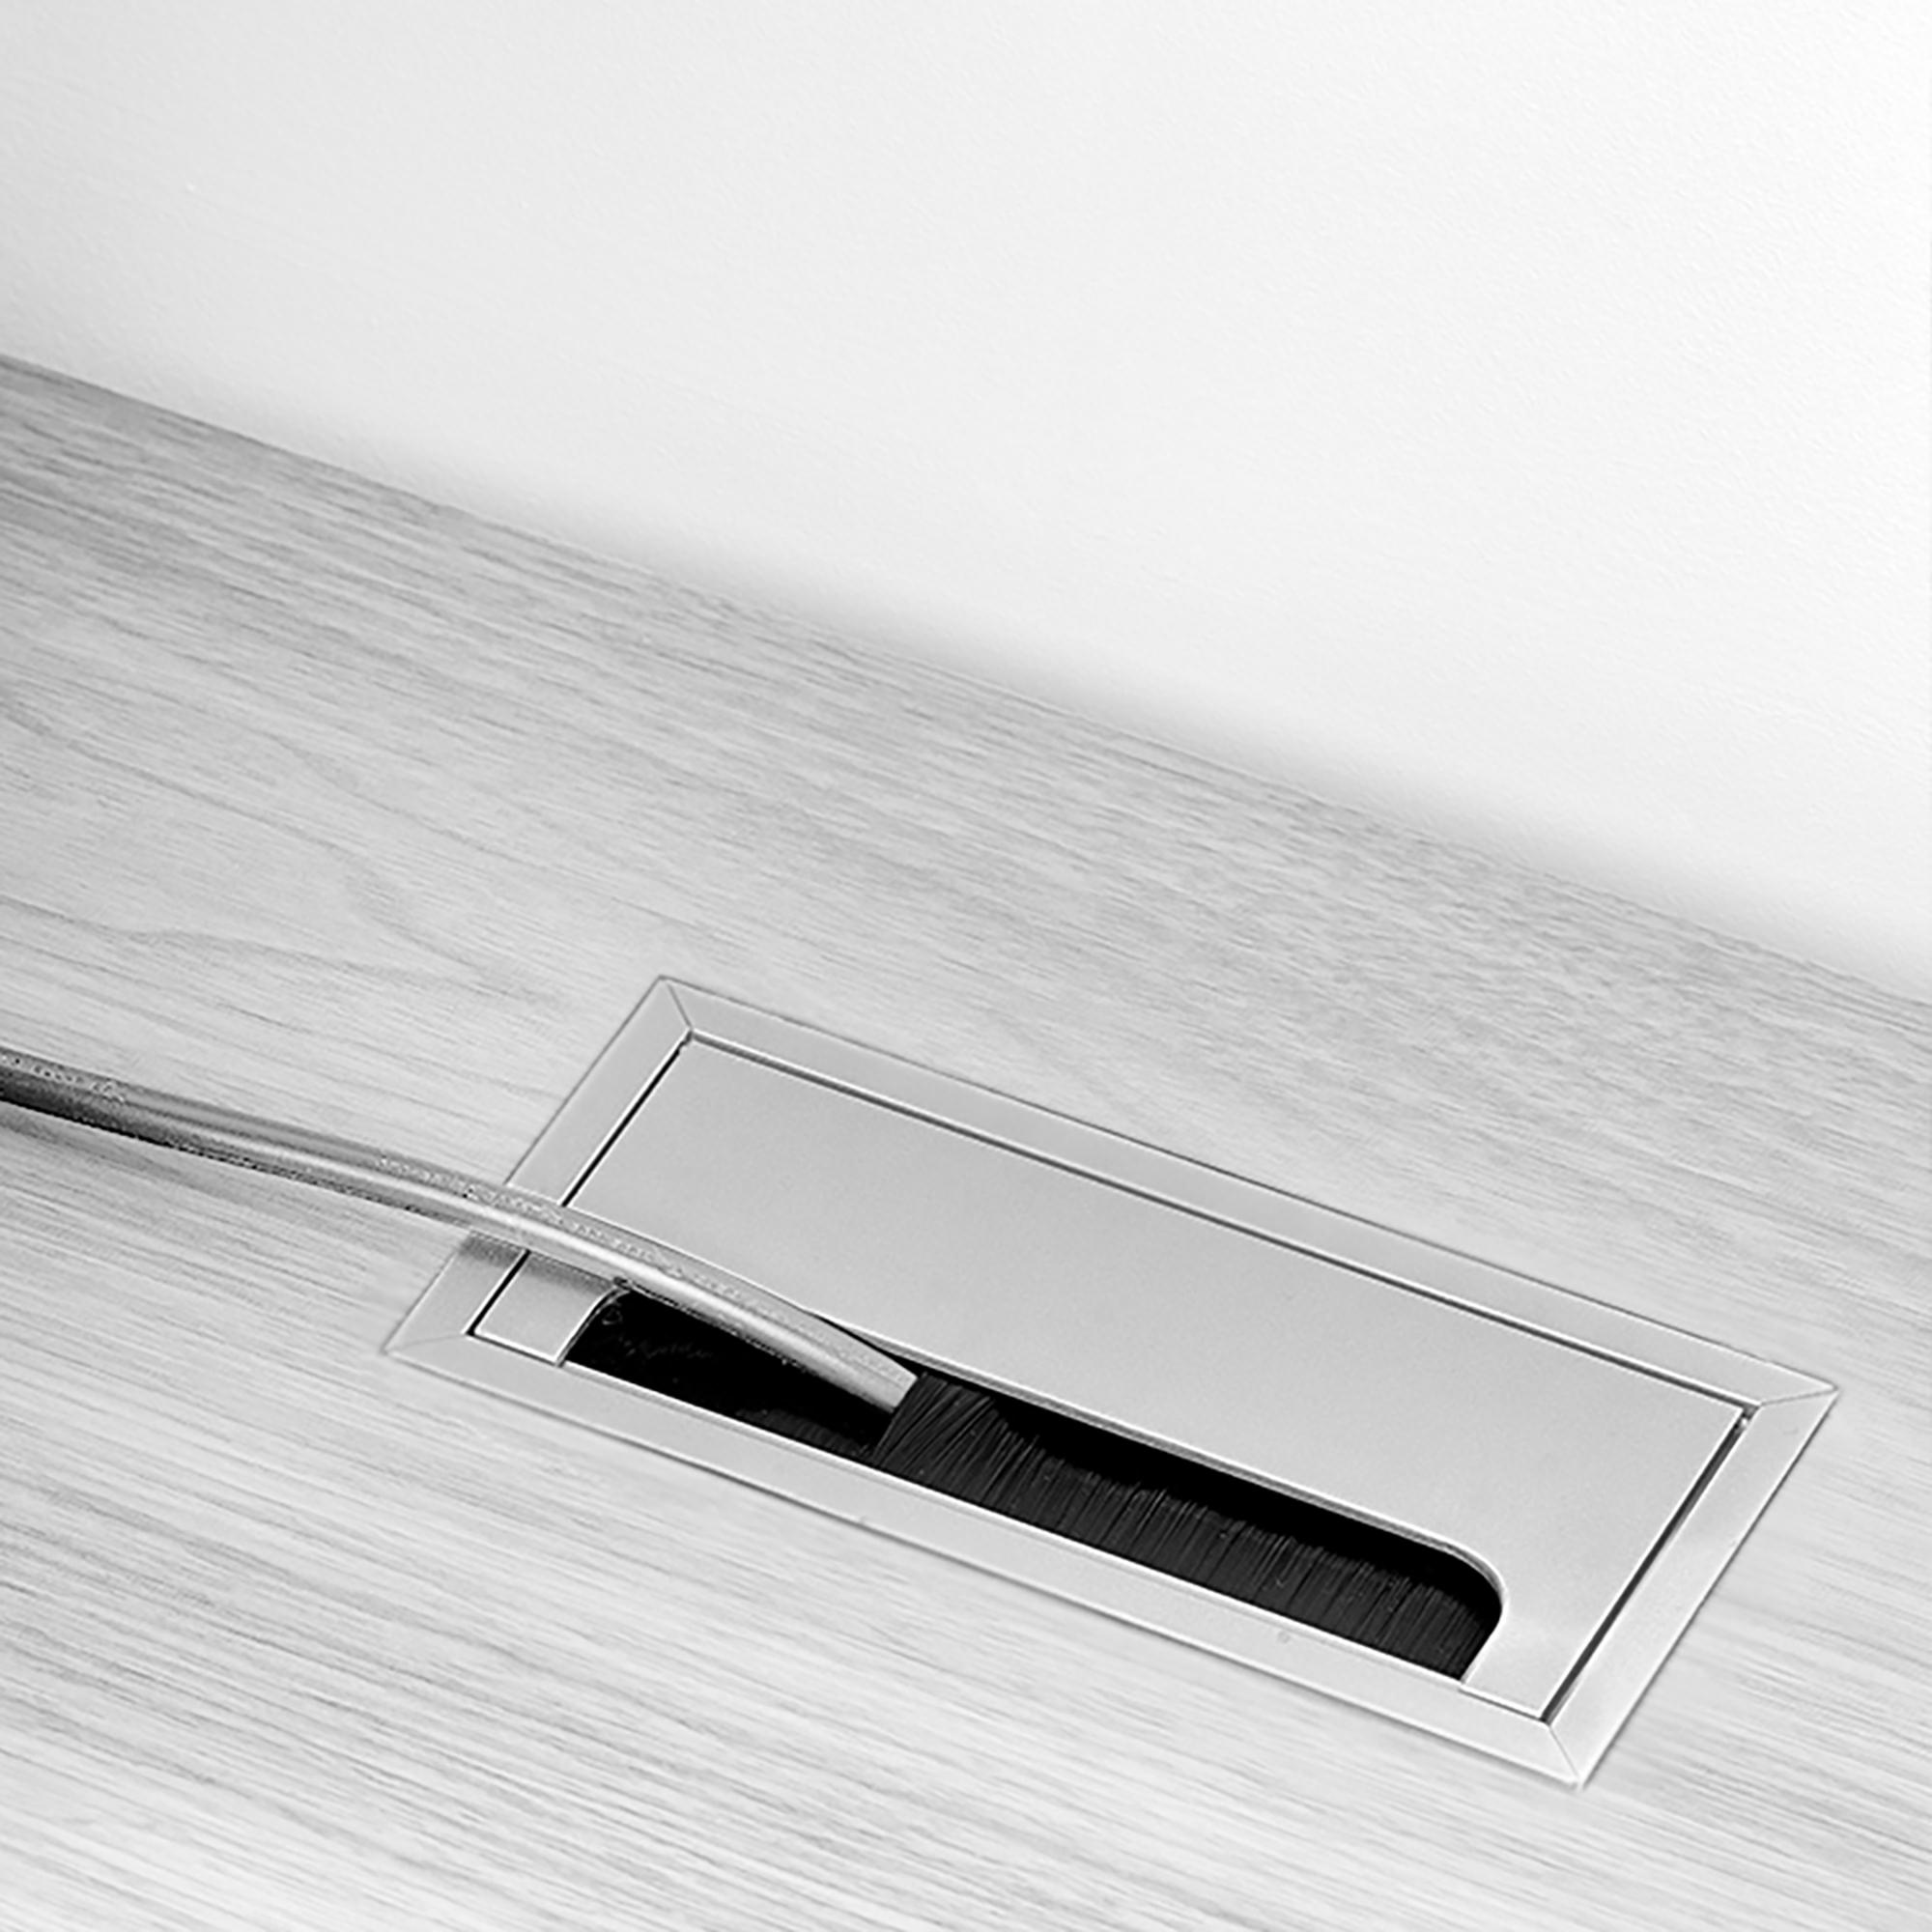 Emuca Passacavi da tavolo, rettangolare, 269 x 80 mm, a incasso, Alluminio, Anodizzato opaco, 5 u.